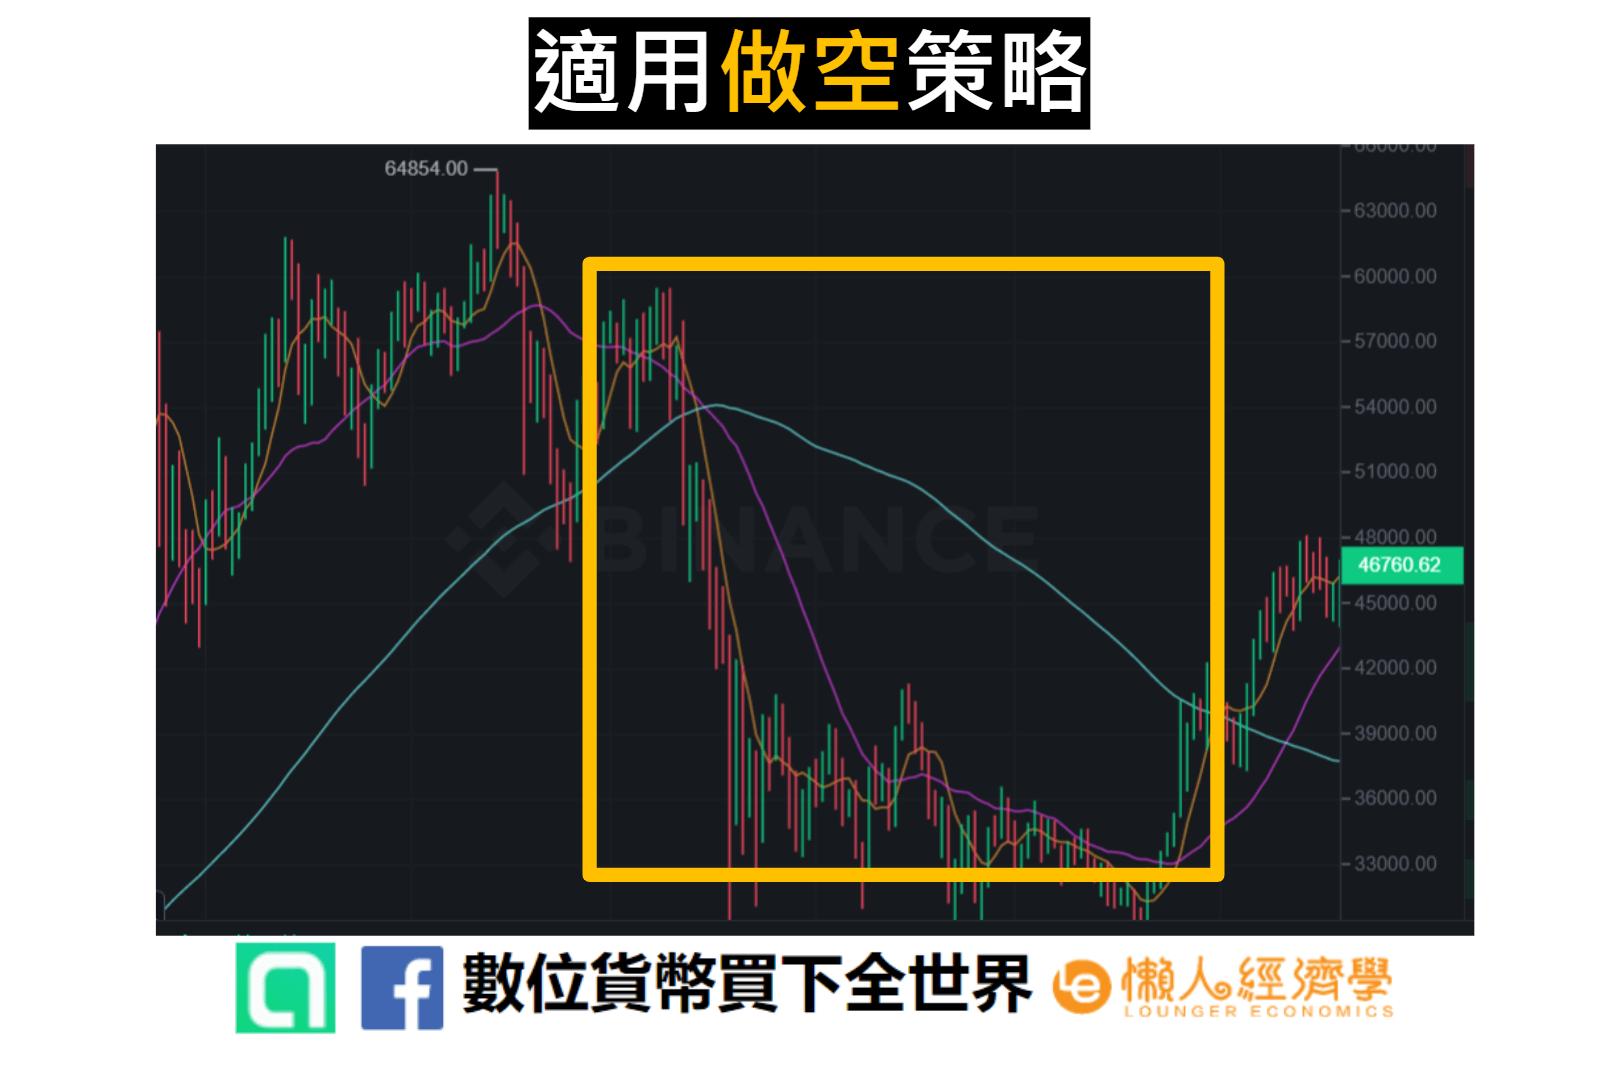 幣安合約網格交易 適用做空策略時的市場走勢圖